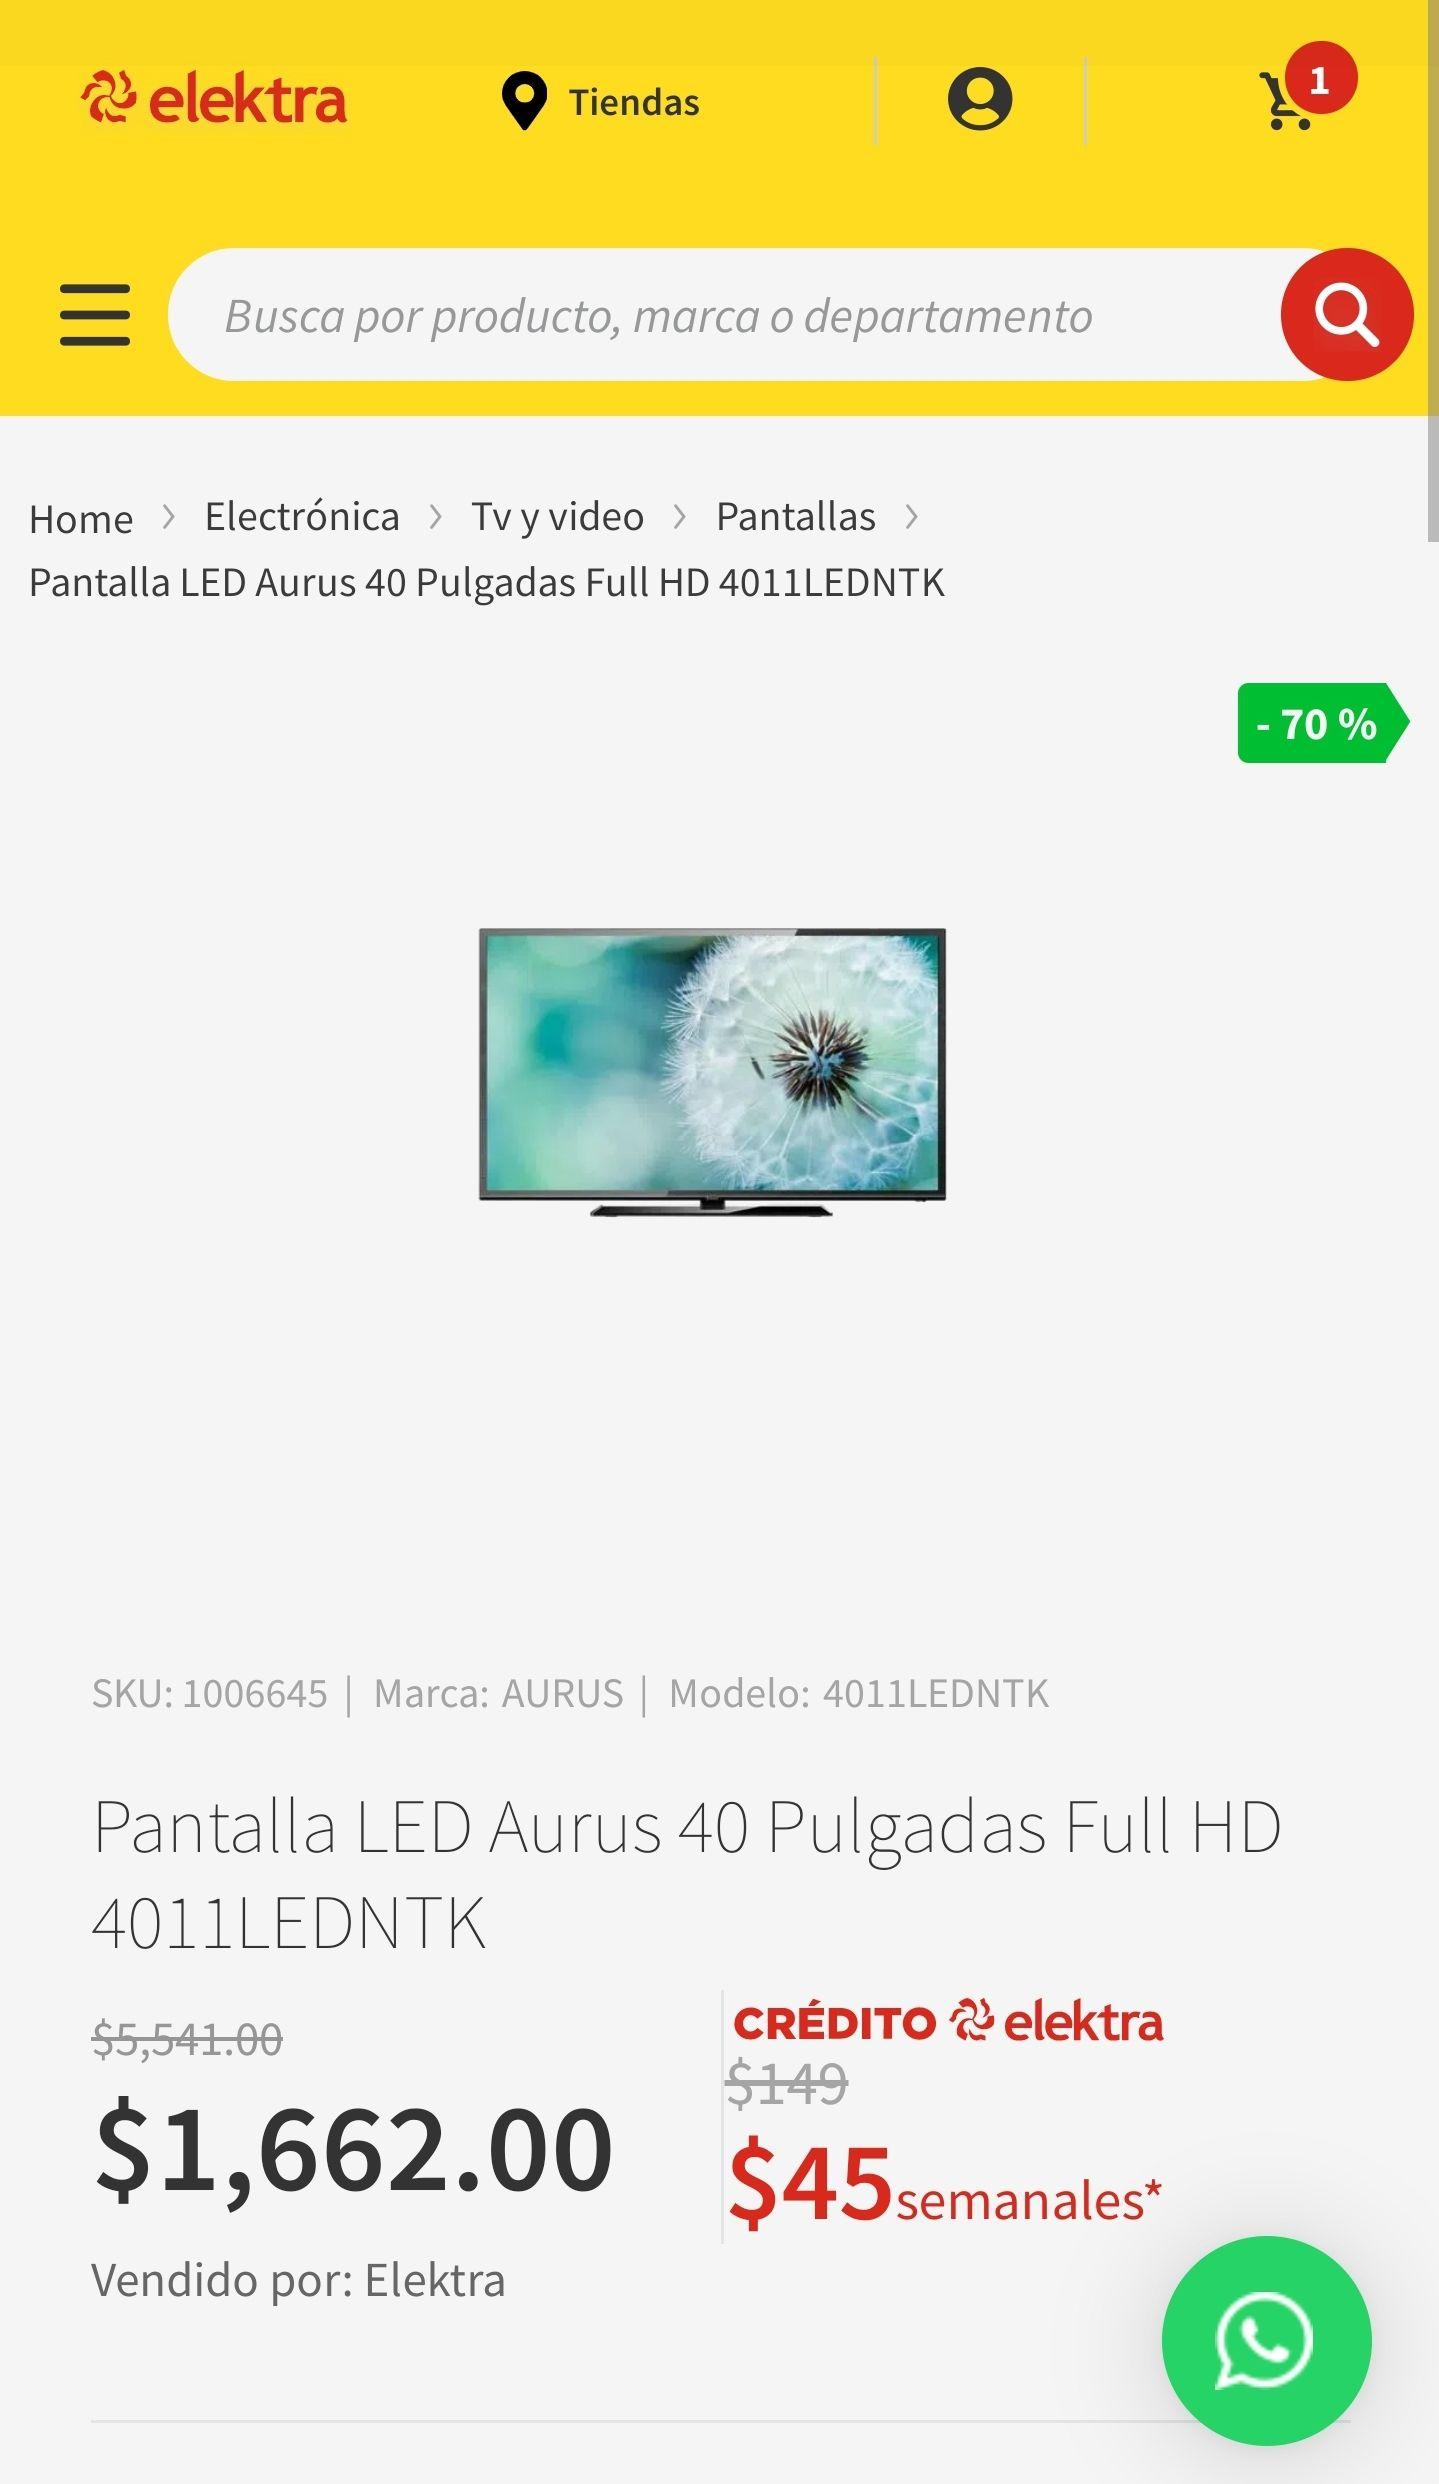 Elektra: Pantalla LED Aurus 40 Pulgadas Full HD 4011LEDNTK